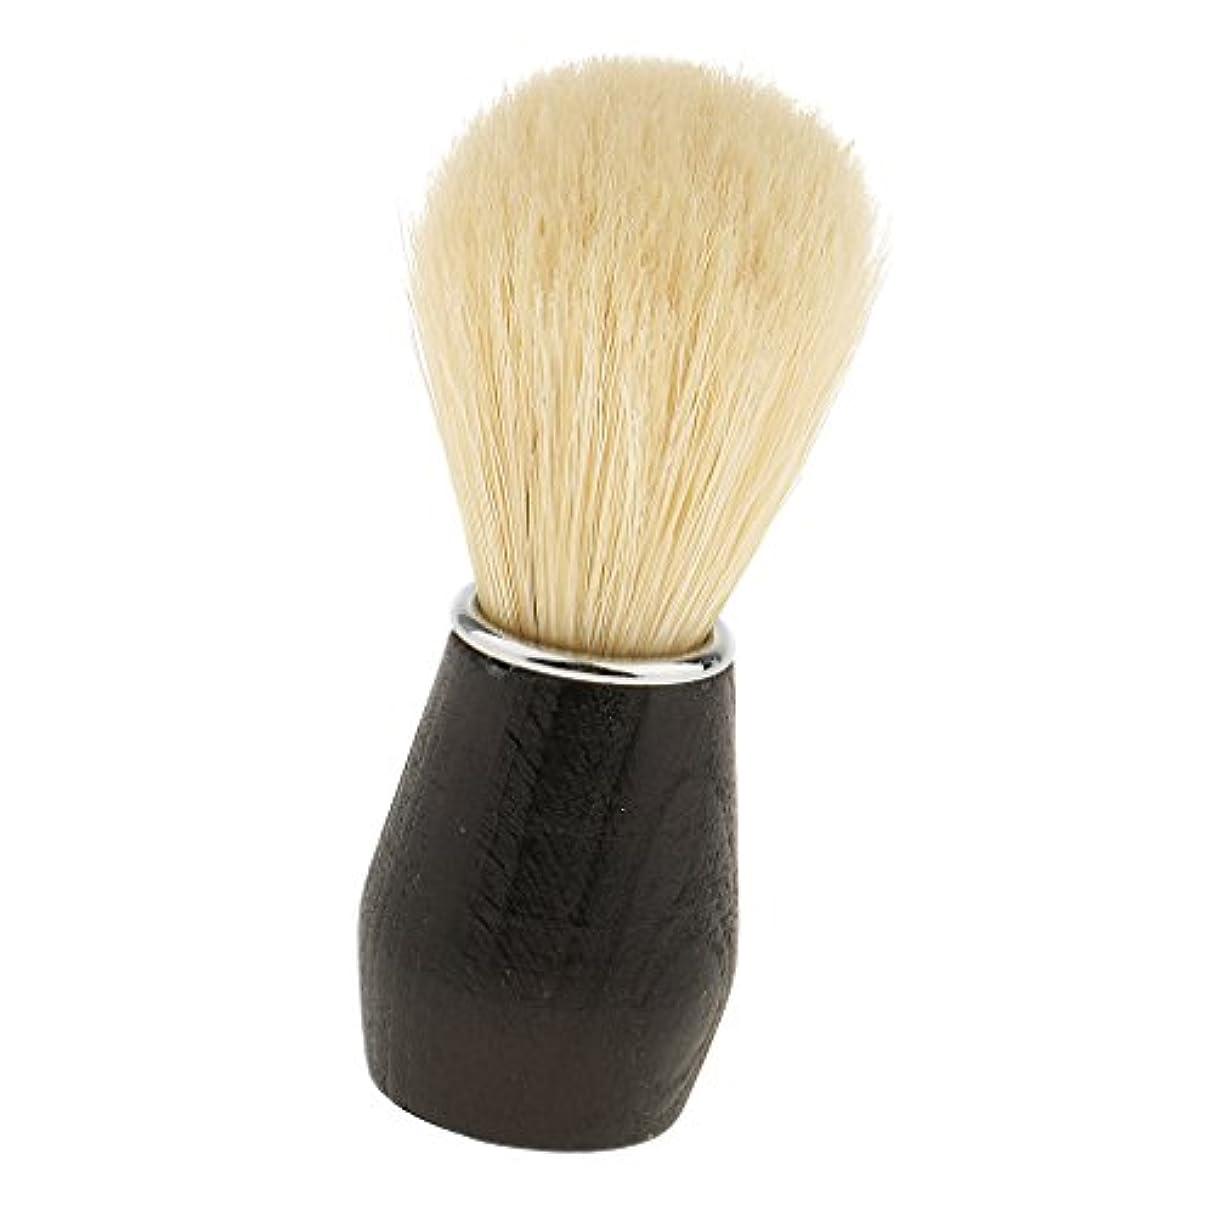 海港妨げるフレアBaosity 父のギフト ソフト 実用的 プロフェッショナル バーバーサロン家庭用 ひげ剃りブラシ プラスチックハンドル フェイシャルクリーニングブラシ ブラック